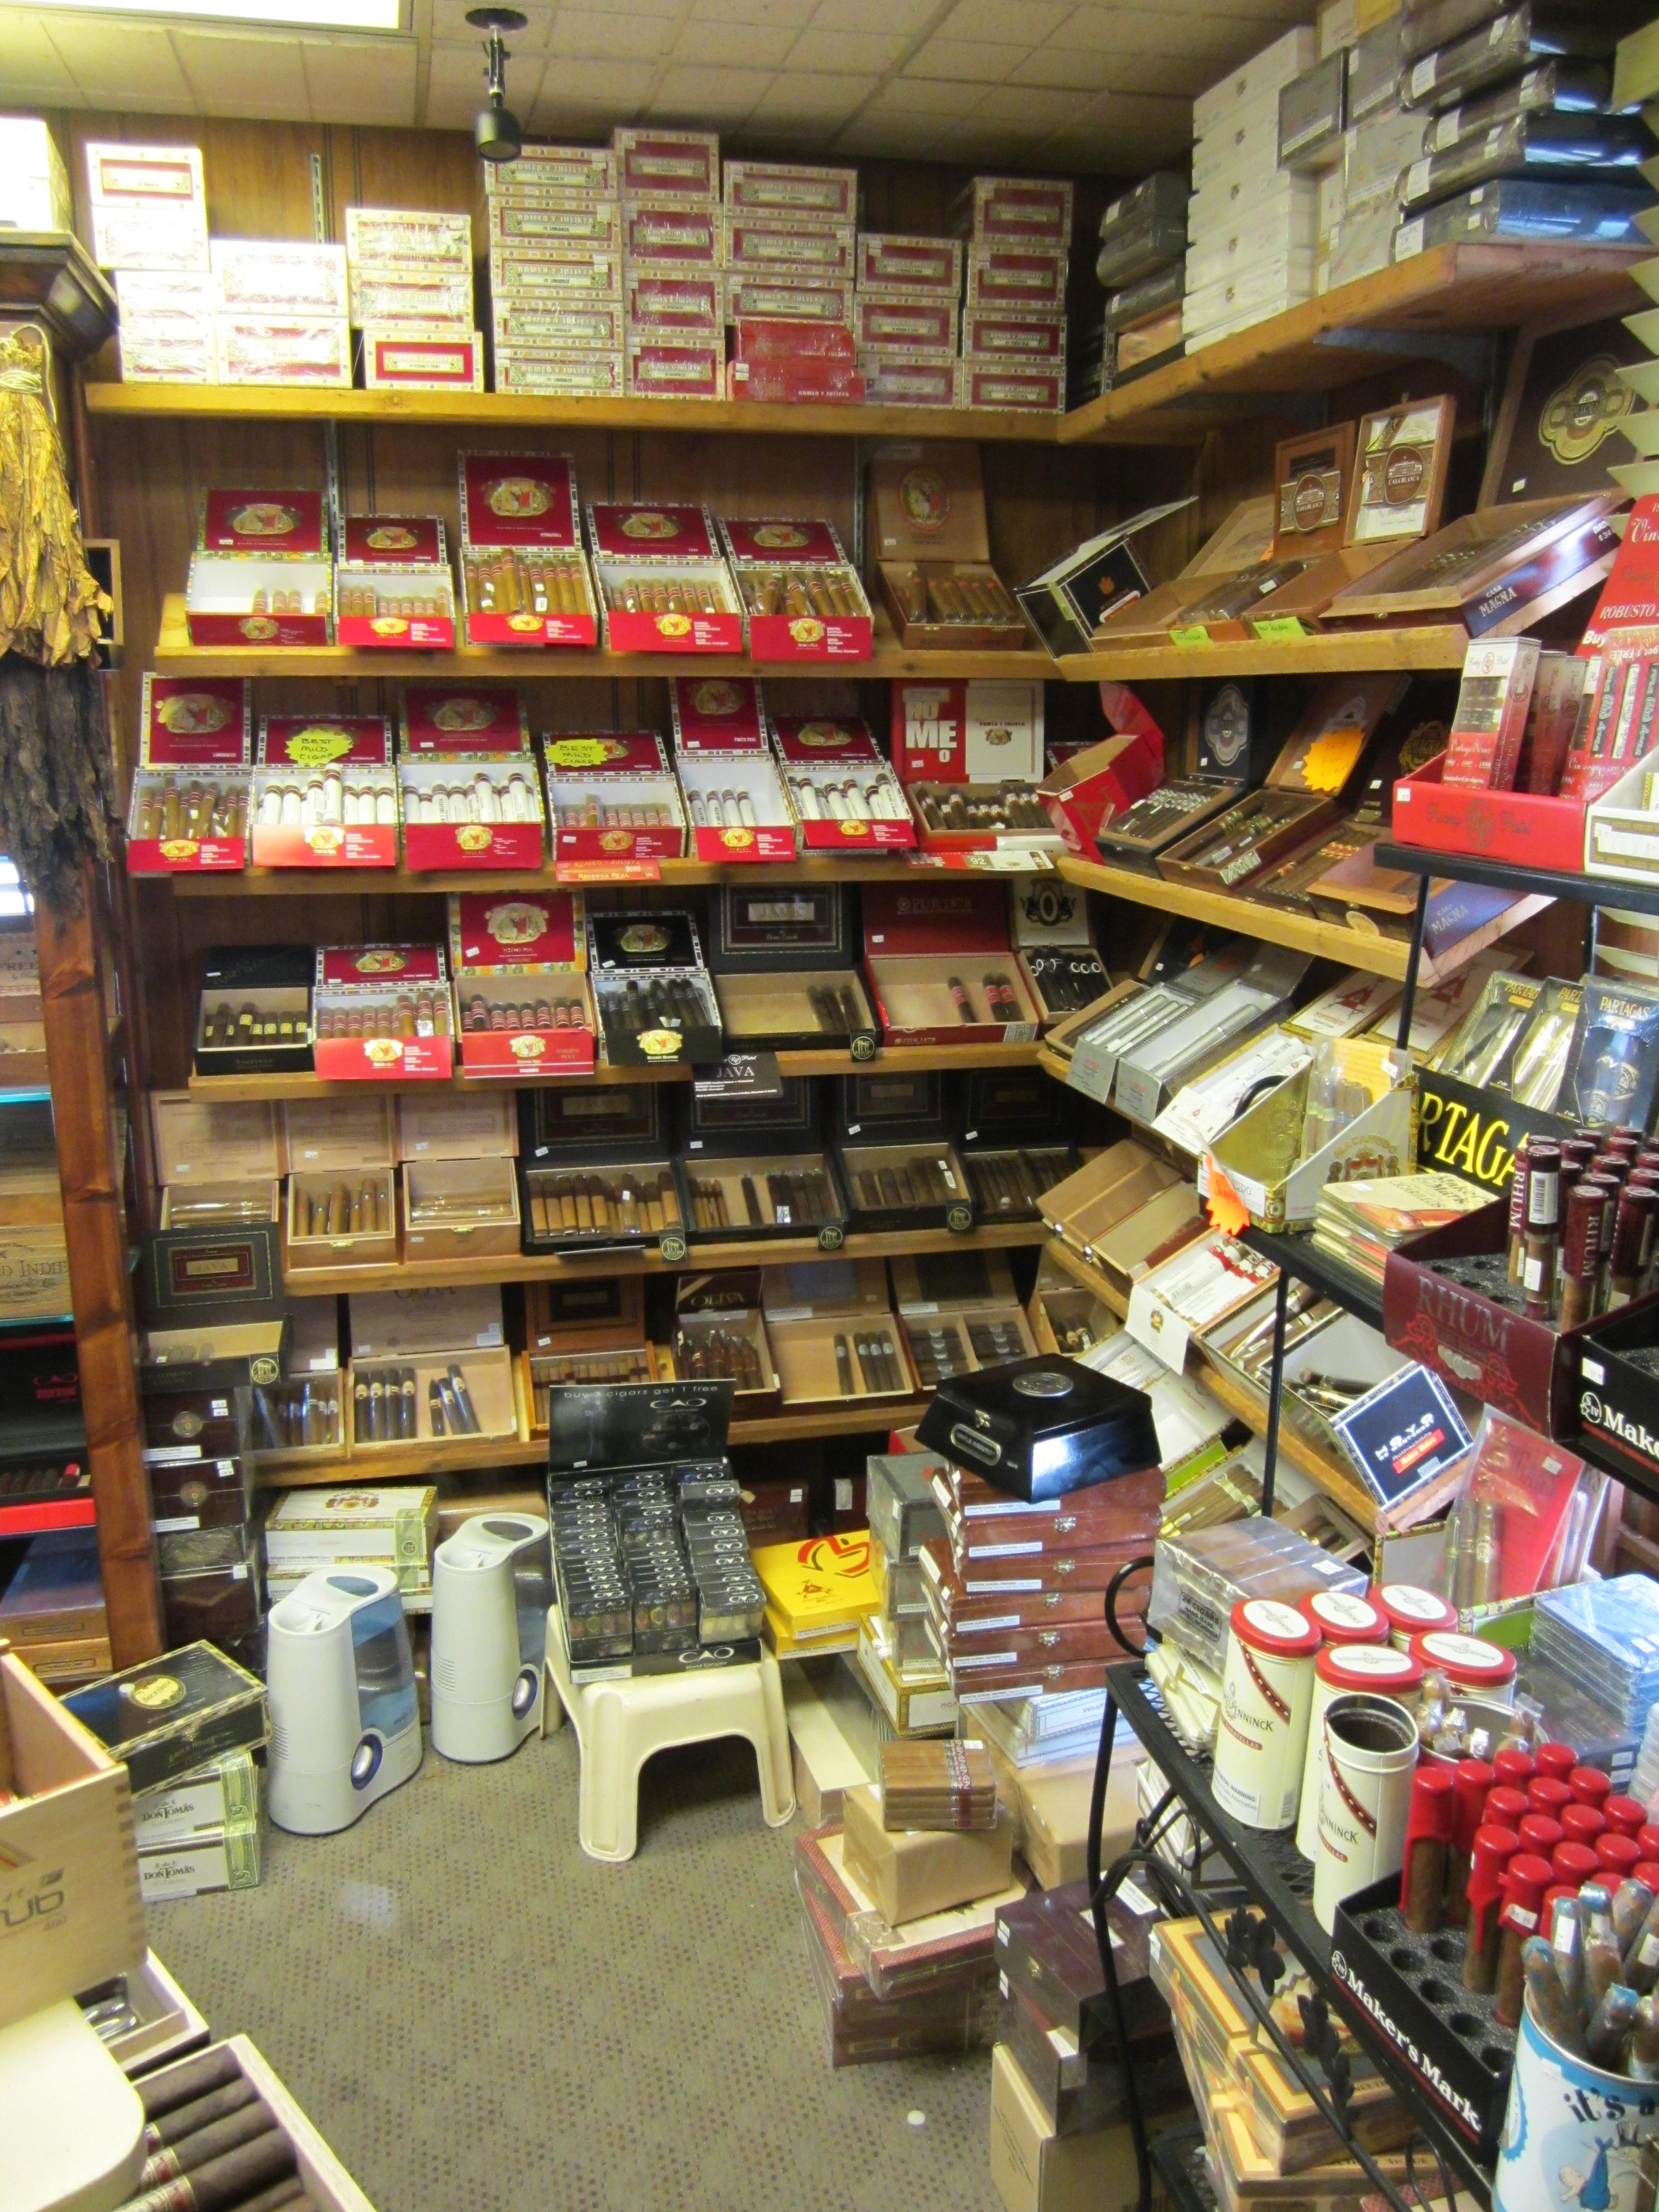 Price of Davidoff cigarettes